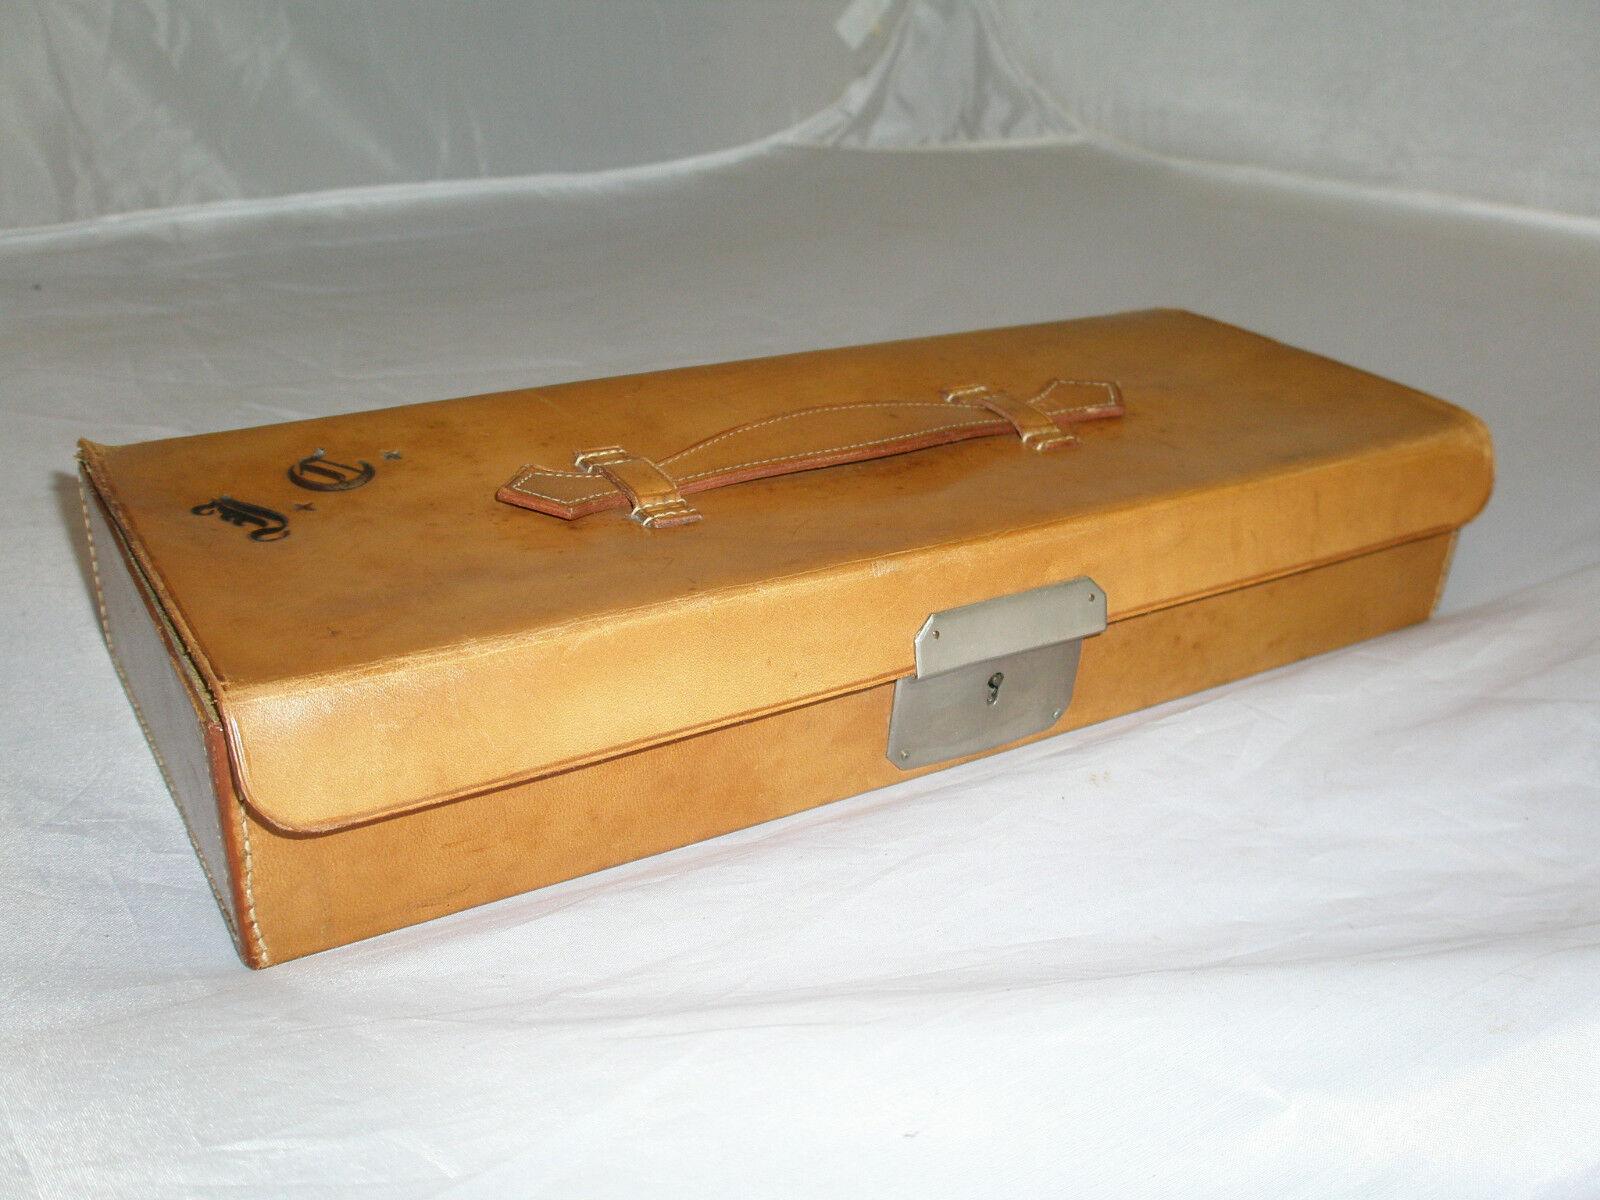 anticata interno foderato in pelle vitello BOX  Valigetta da c.j.withnell Scarborough